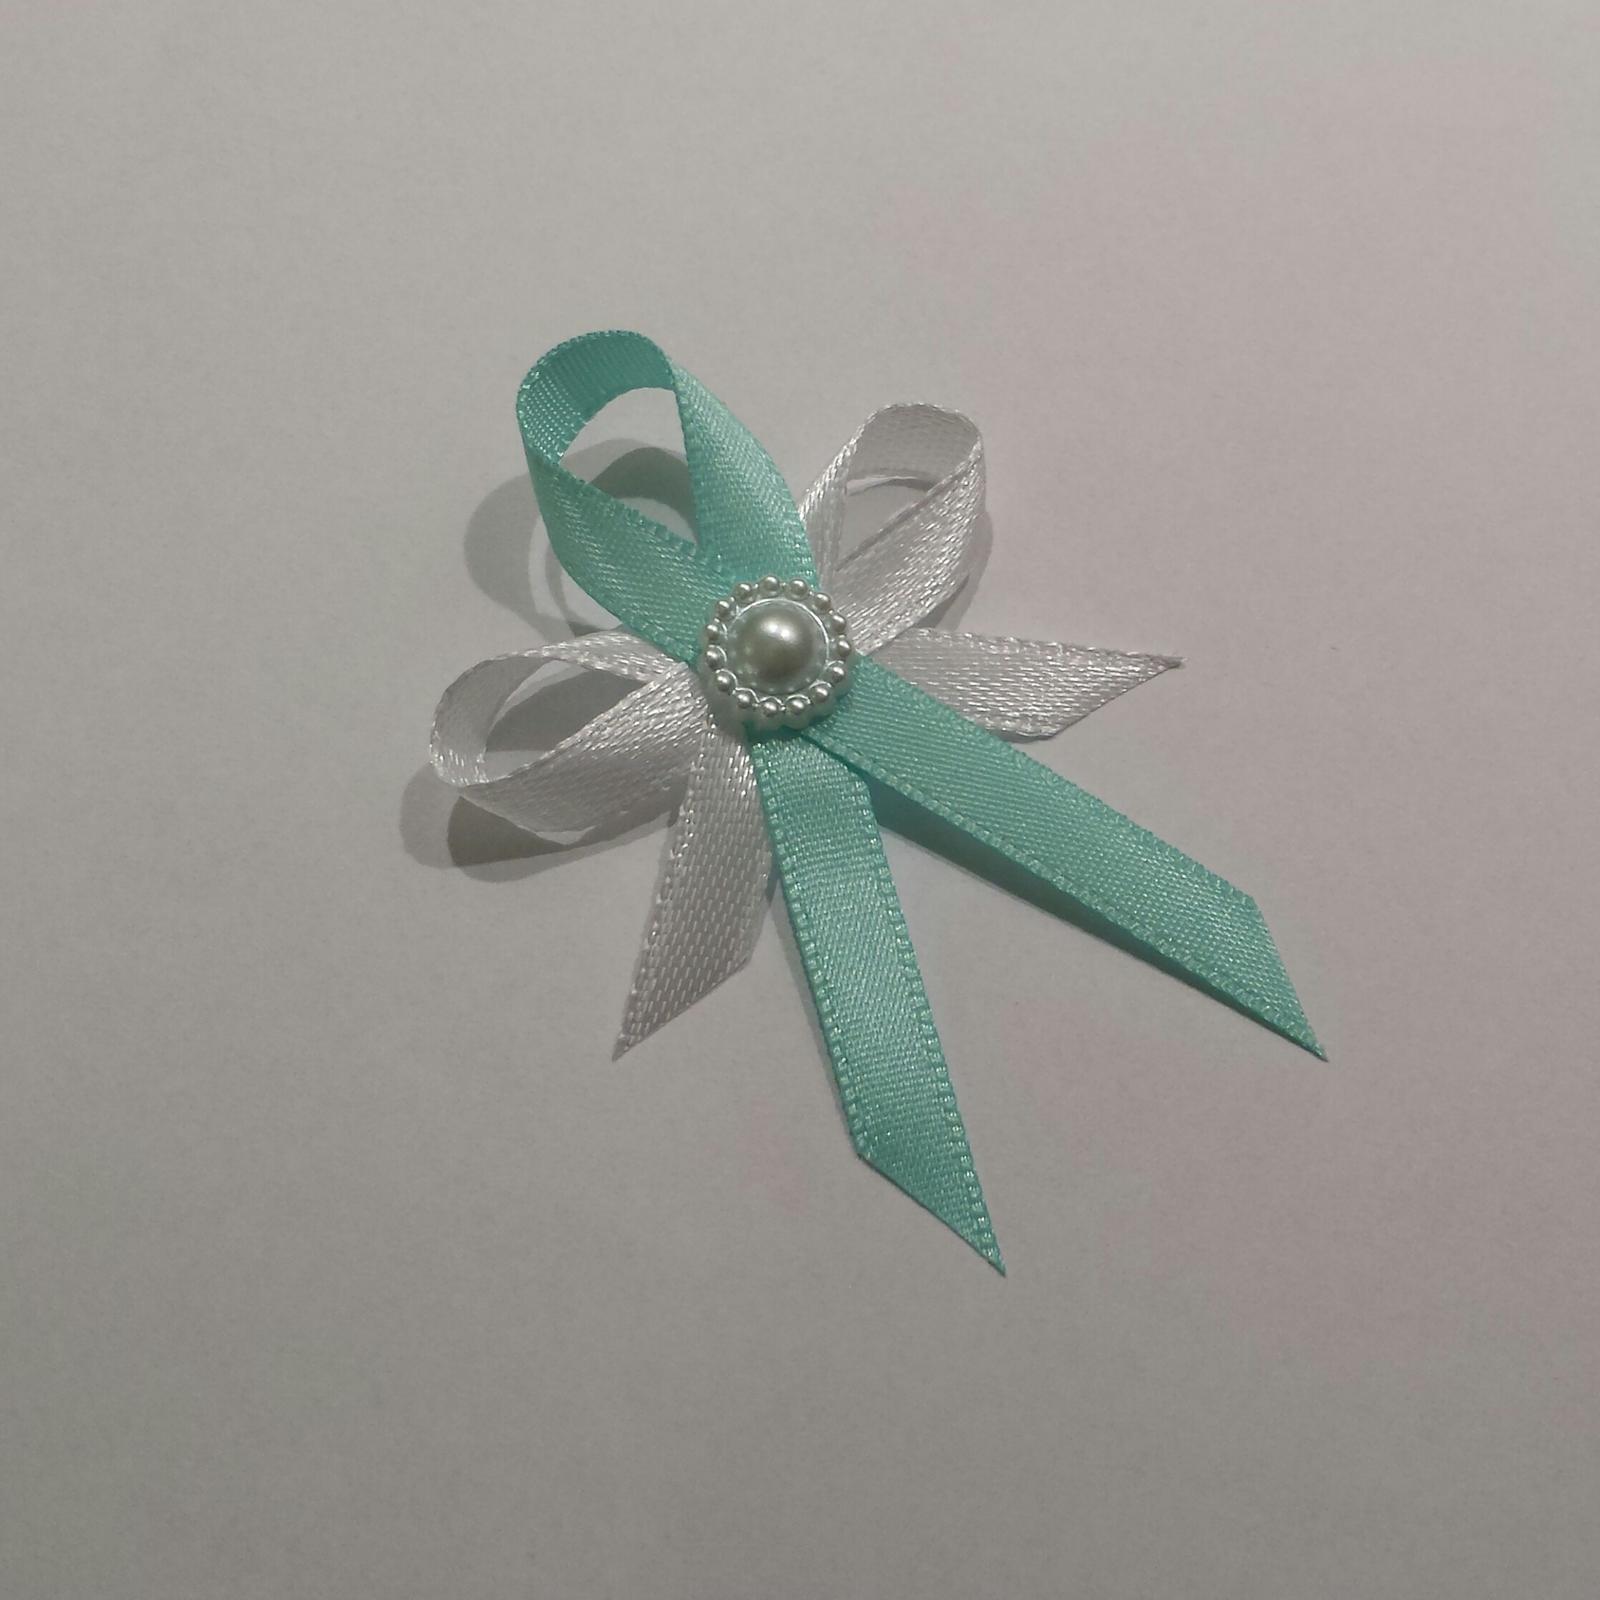 Tiffany blue vývazky s perleťovou brožičkou - Obrázek č. 1